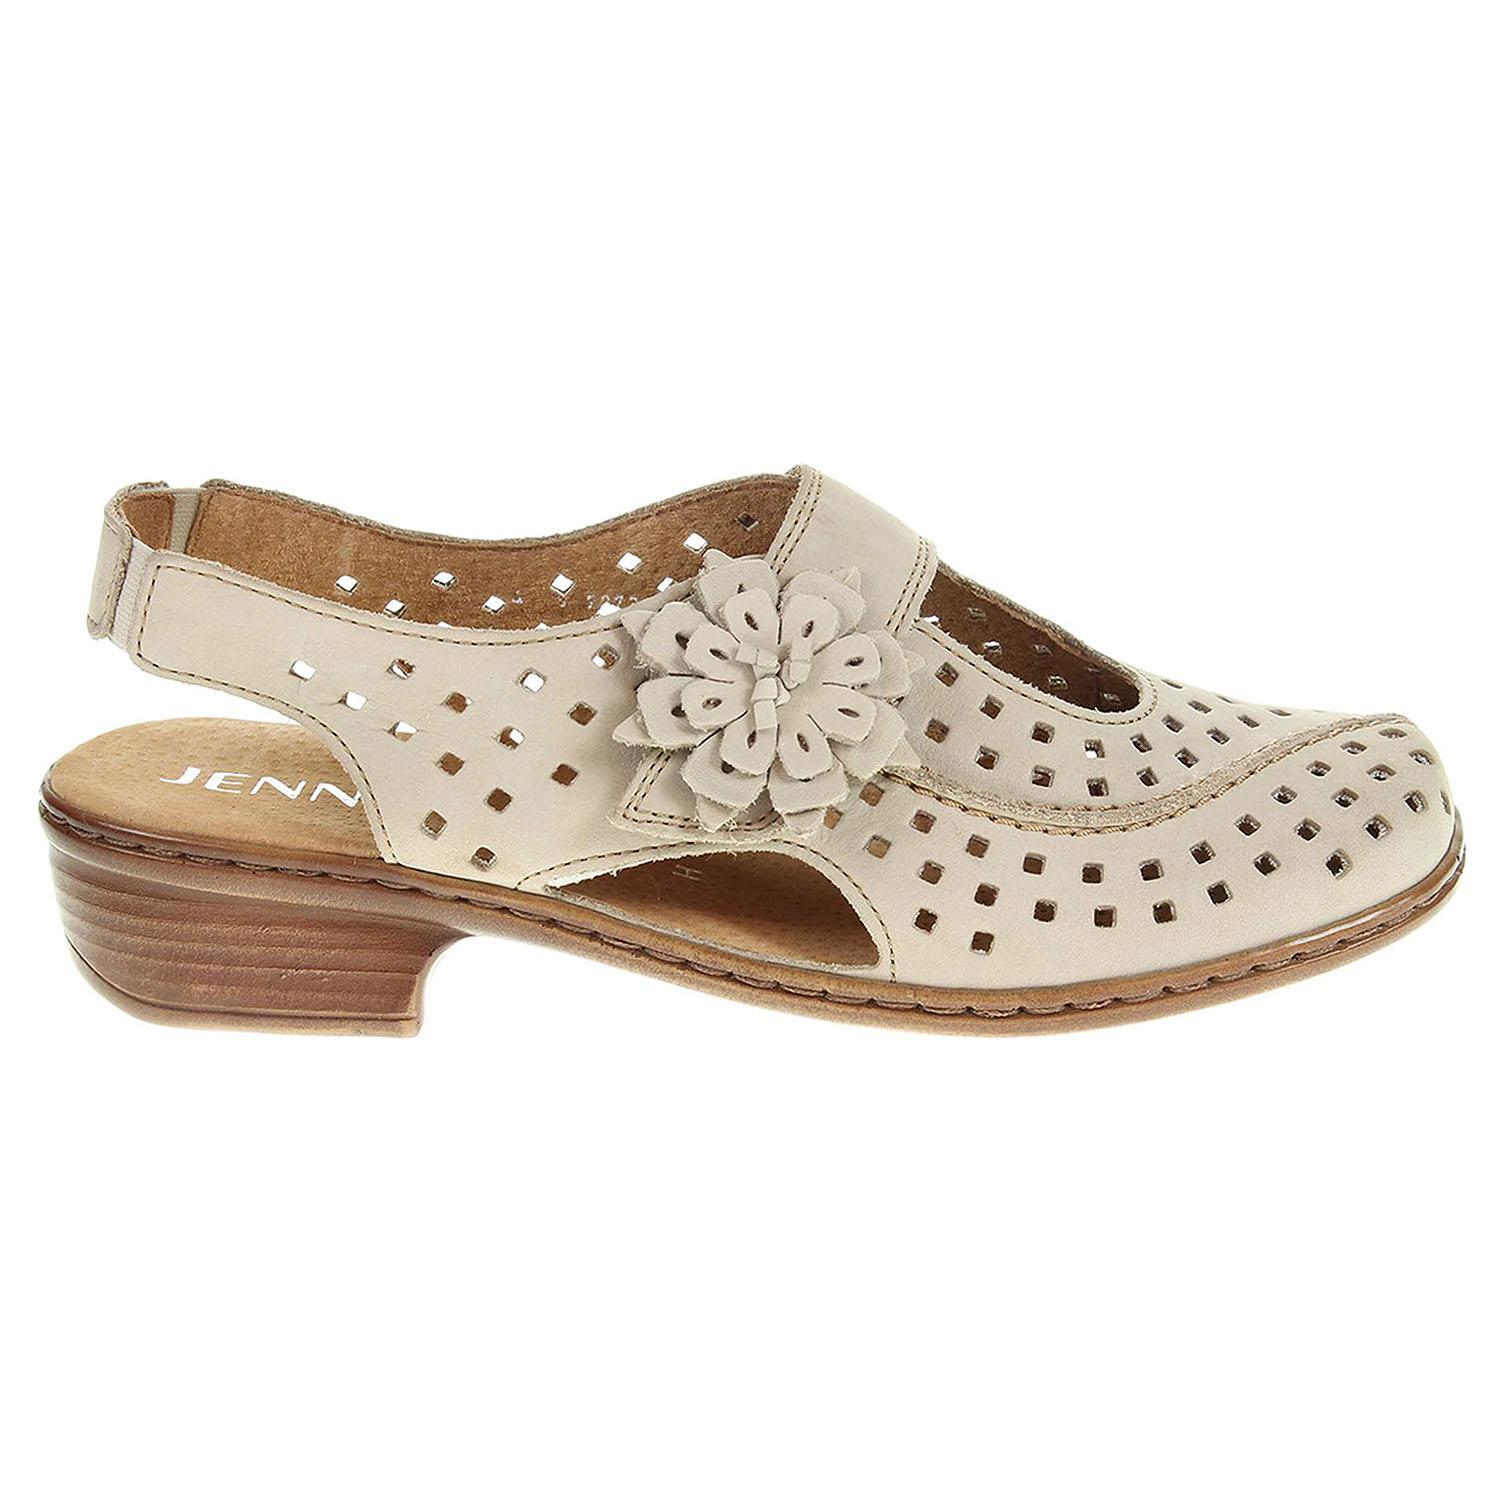 Ecco Ara dámské sandály 52706-07 béžové 23800910